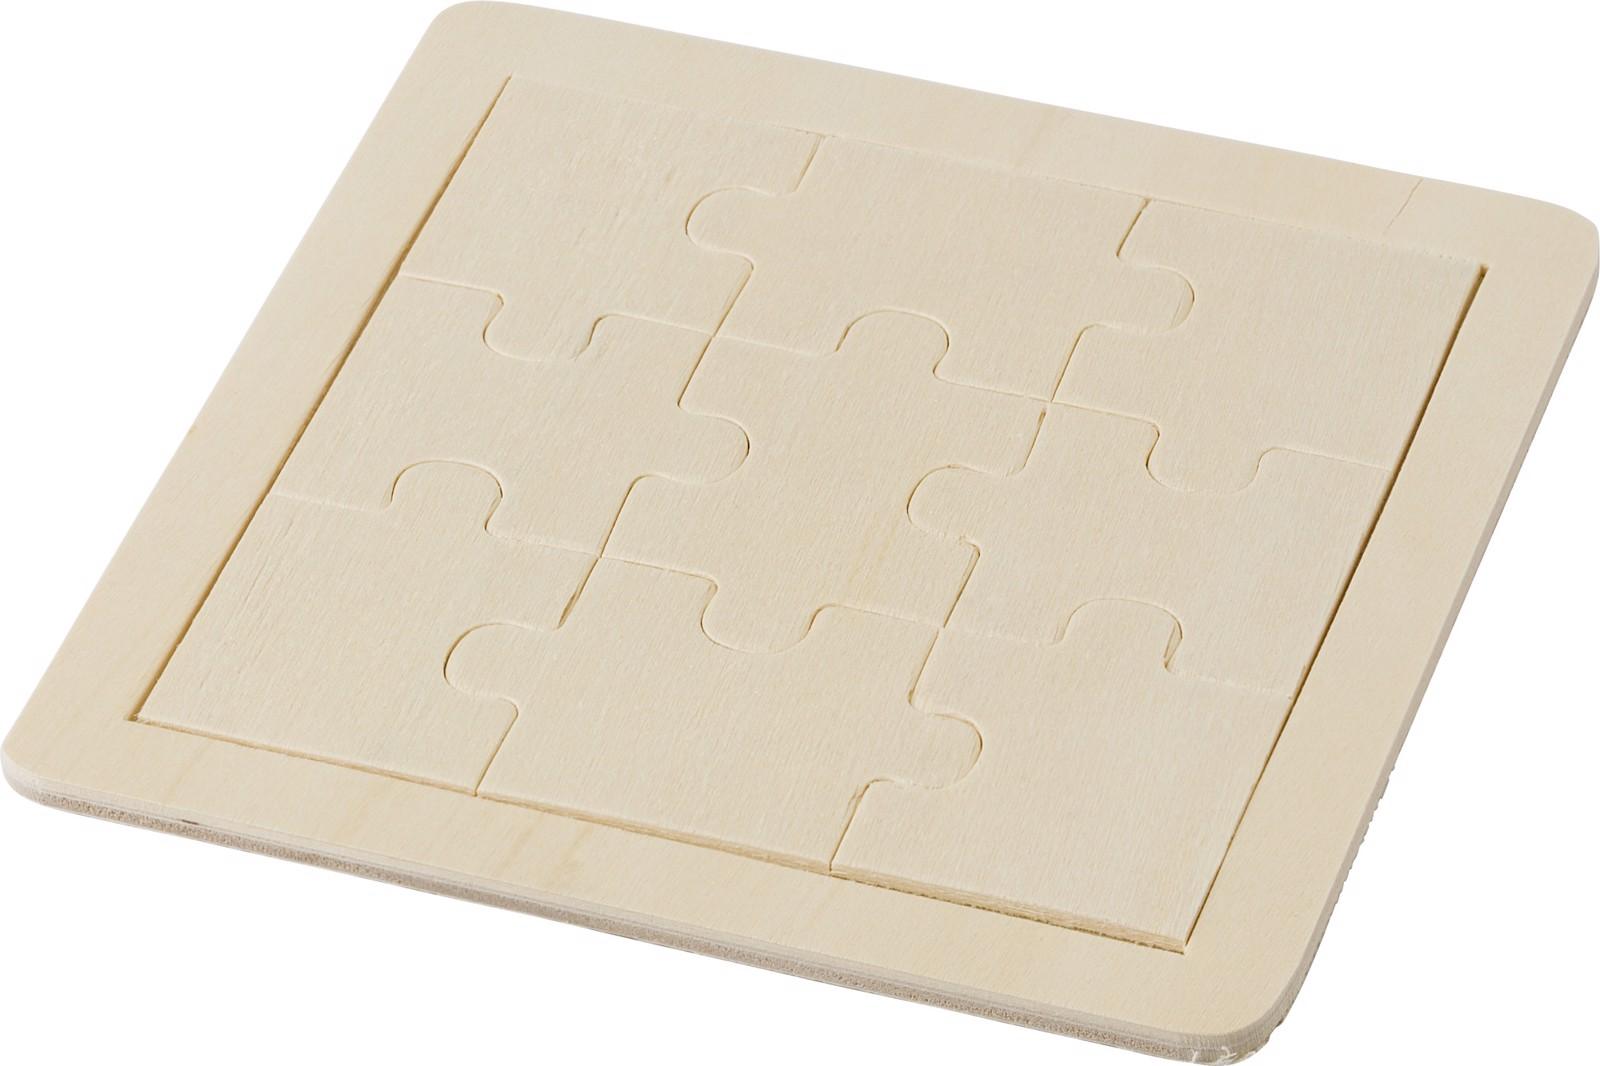 Puzzle de madera con 9 piezas